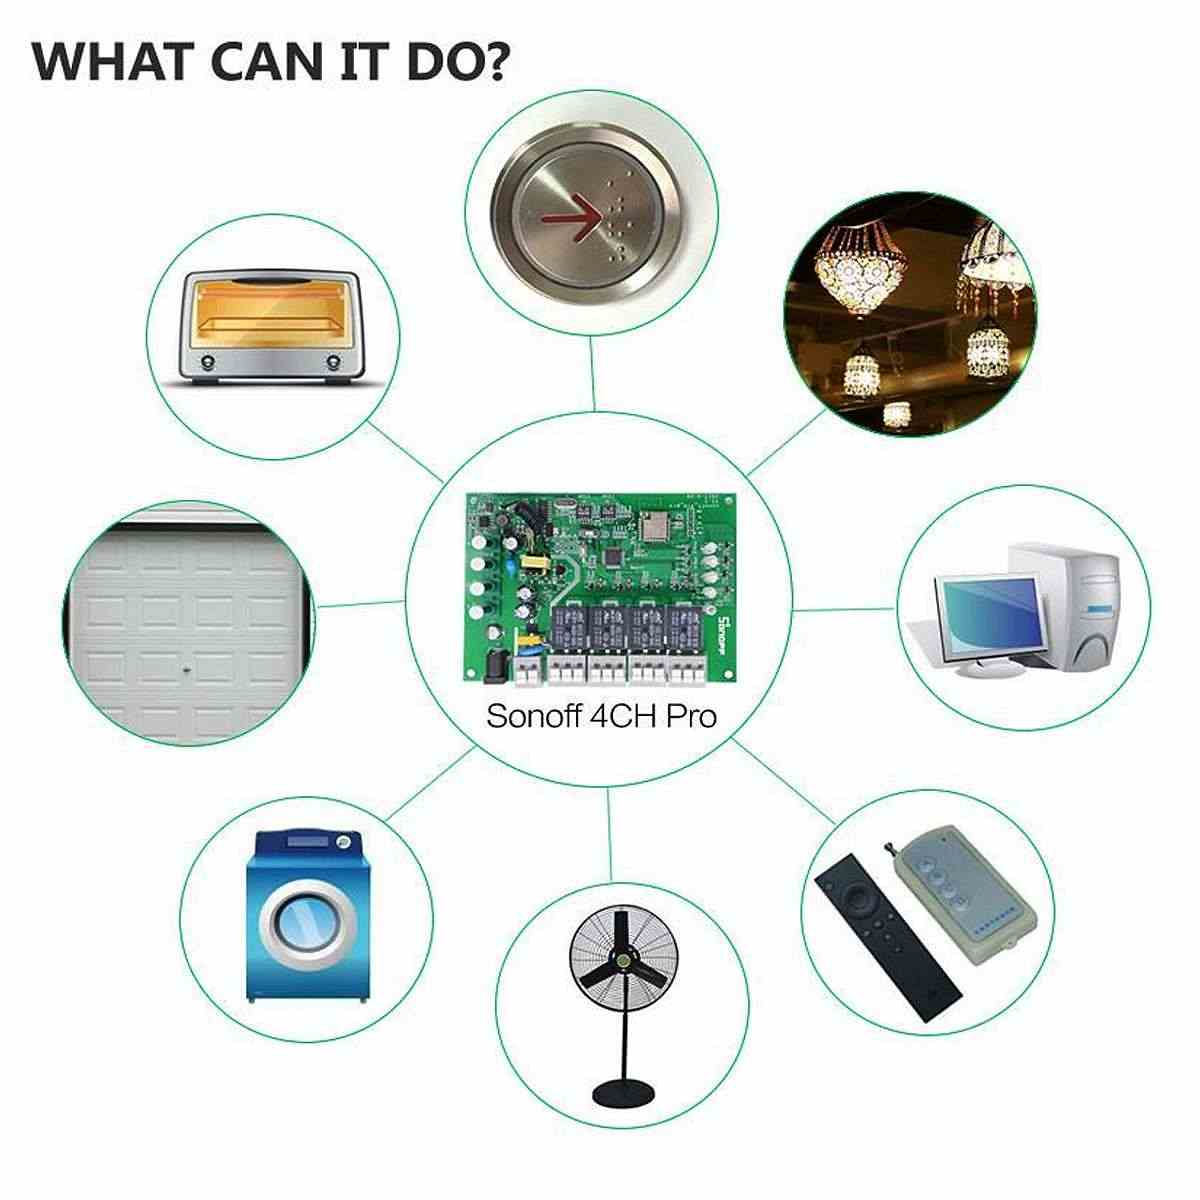 SONOFF 4CH Pro R2 2,4 Ghz 433MHz RF inteligente WIFI interruptor inalámbrico Control remoto APP para empujando/ bloqueo automático/enclavamiento